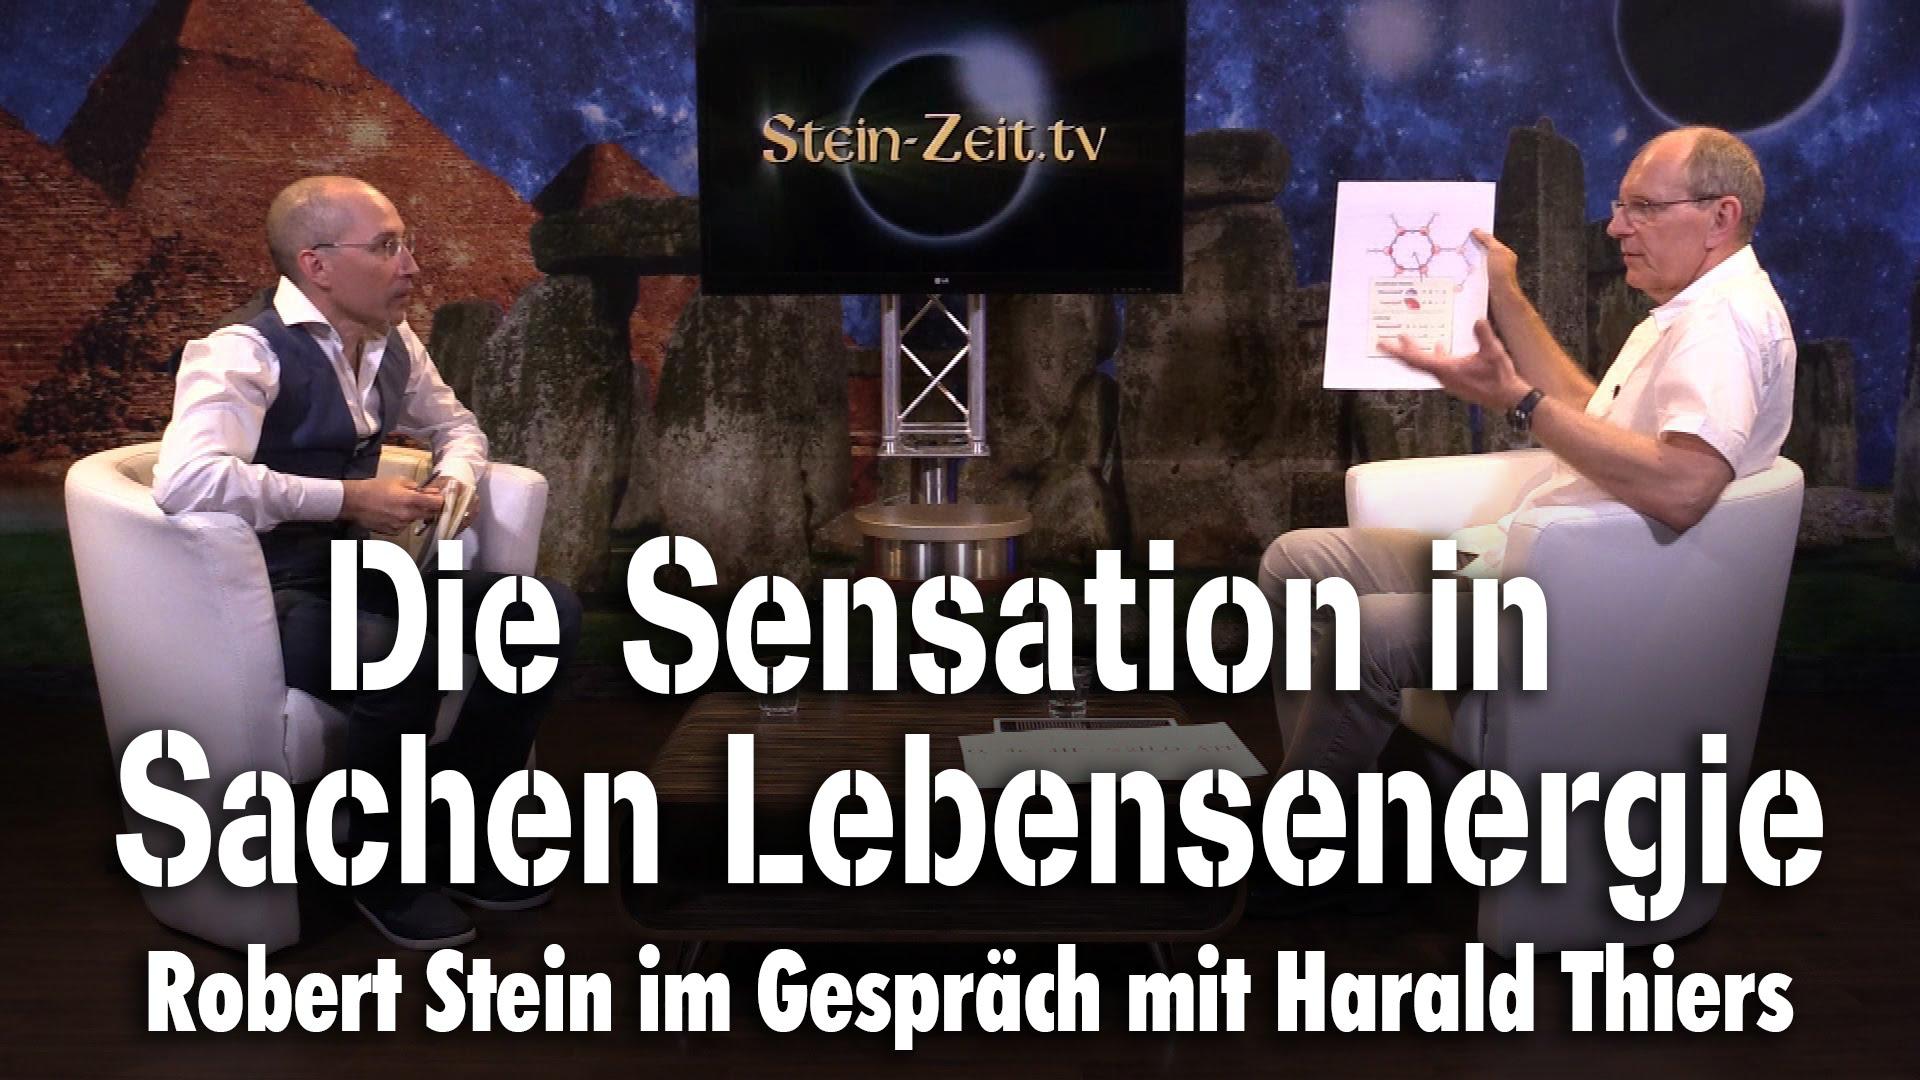 Die Sensation in Sachen Lebensenergie – Harald Thiers bei SteinZeit